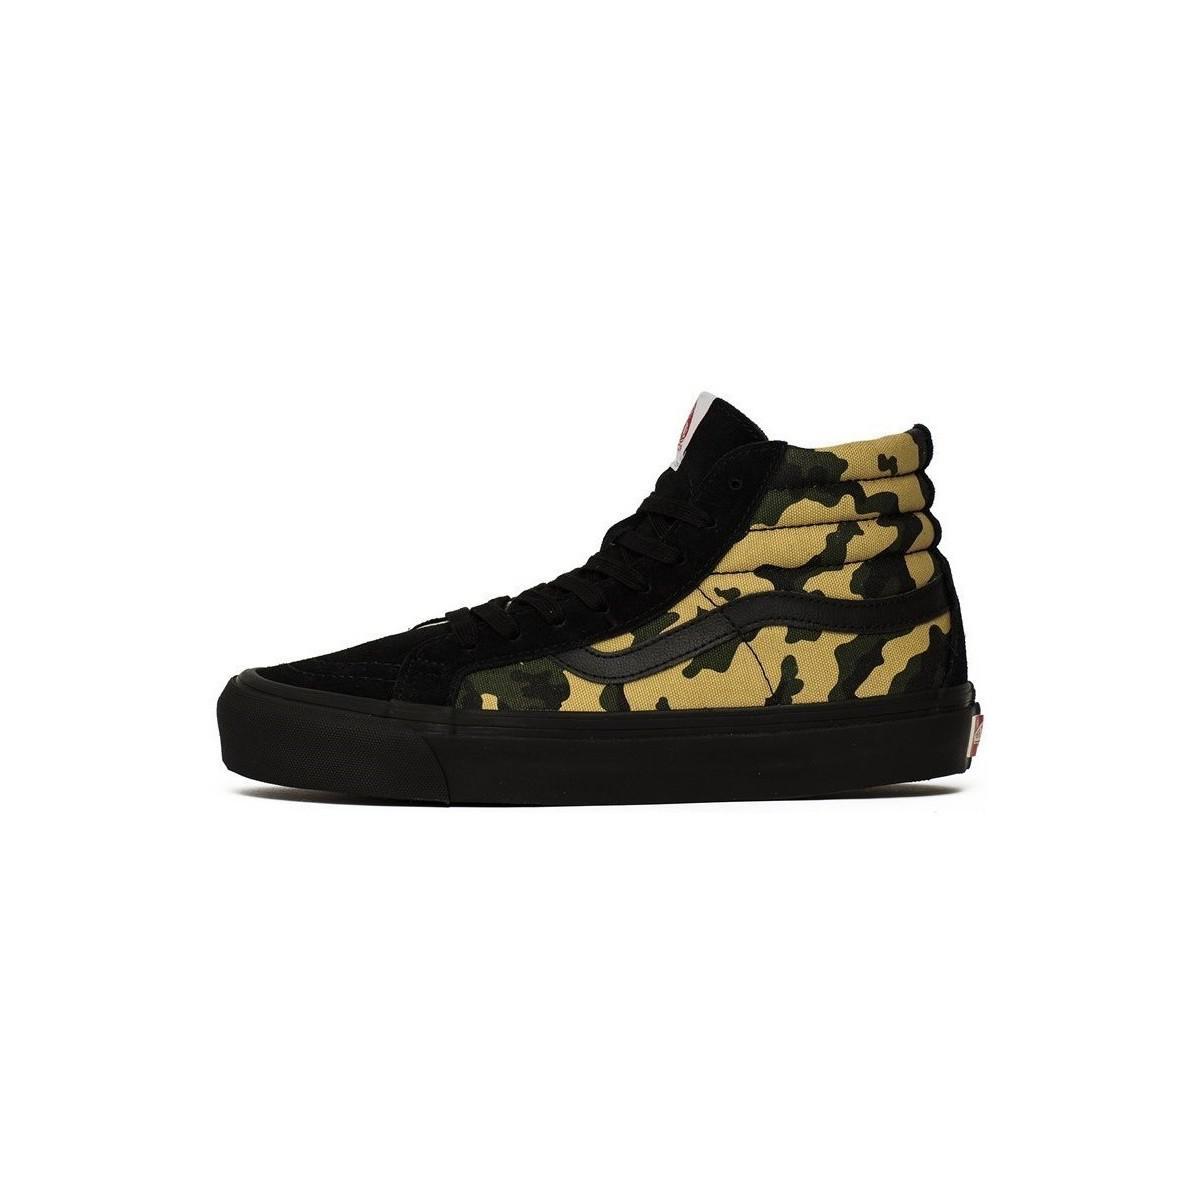 Vans Vault Og Sk8hi Lx Men s Shoes (high-top Trainers) In Black in ... 76571d798